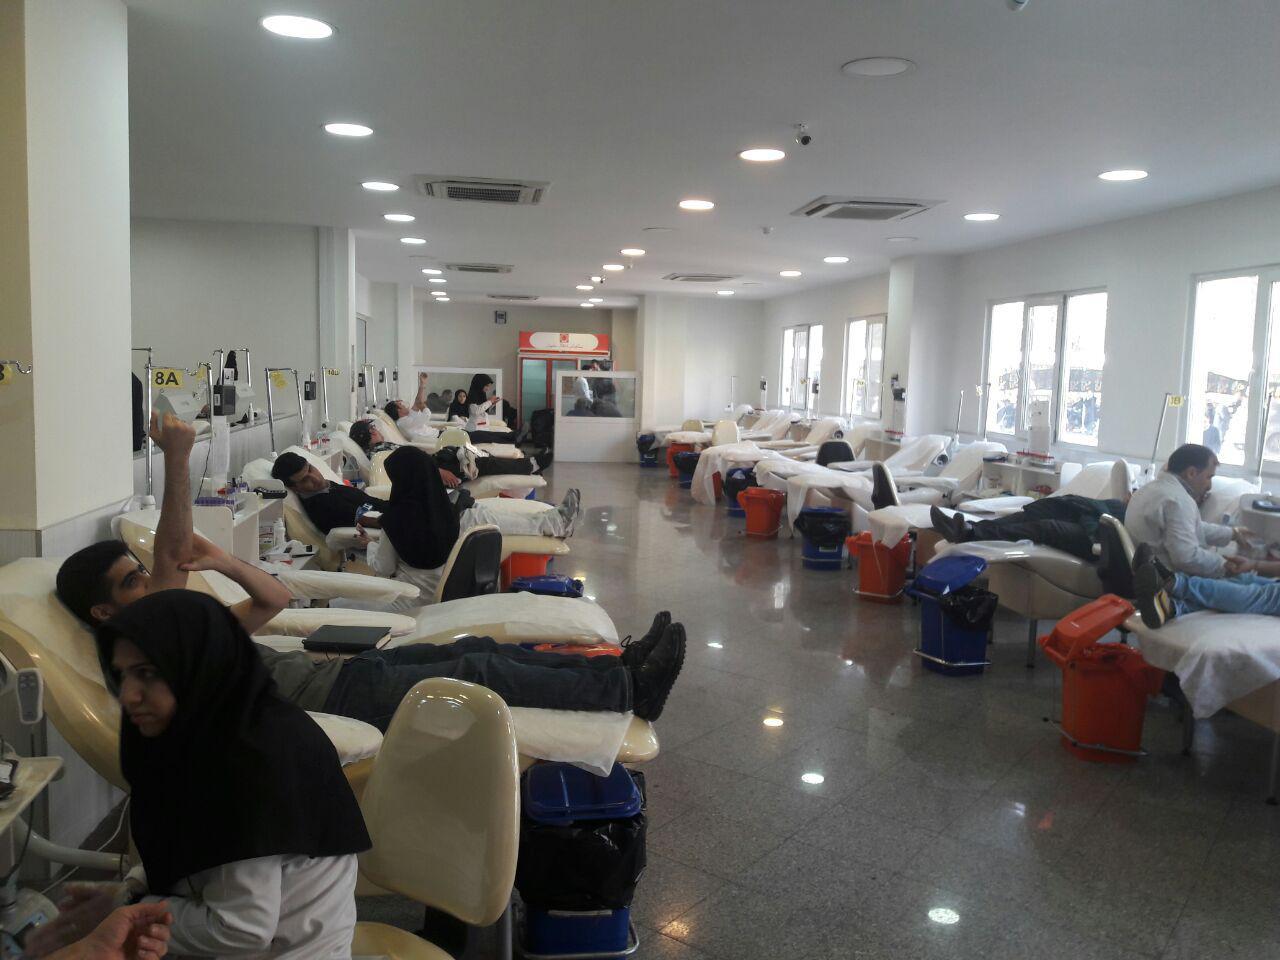 کمبودی برای تامین نیازهای خونی زلزلهزدگان نداریم